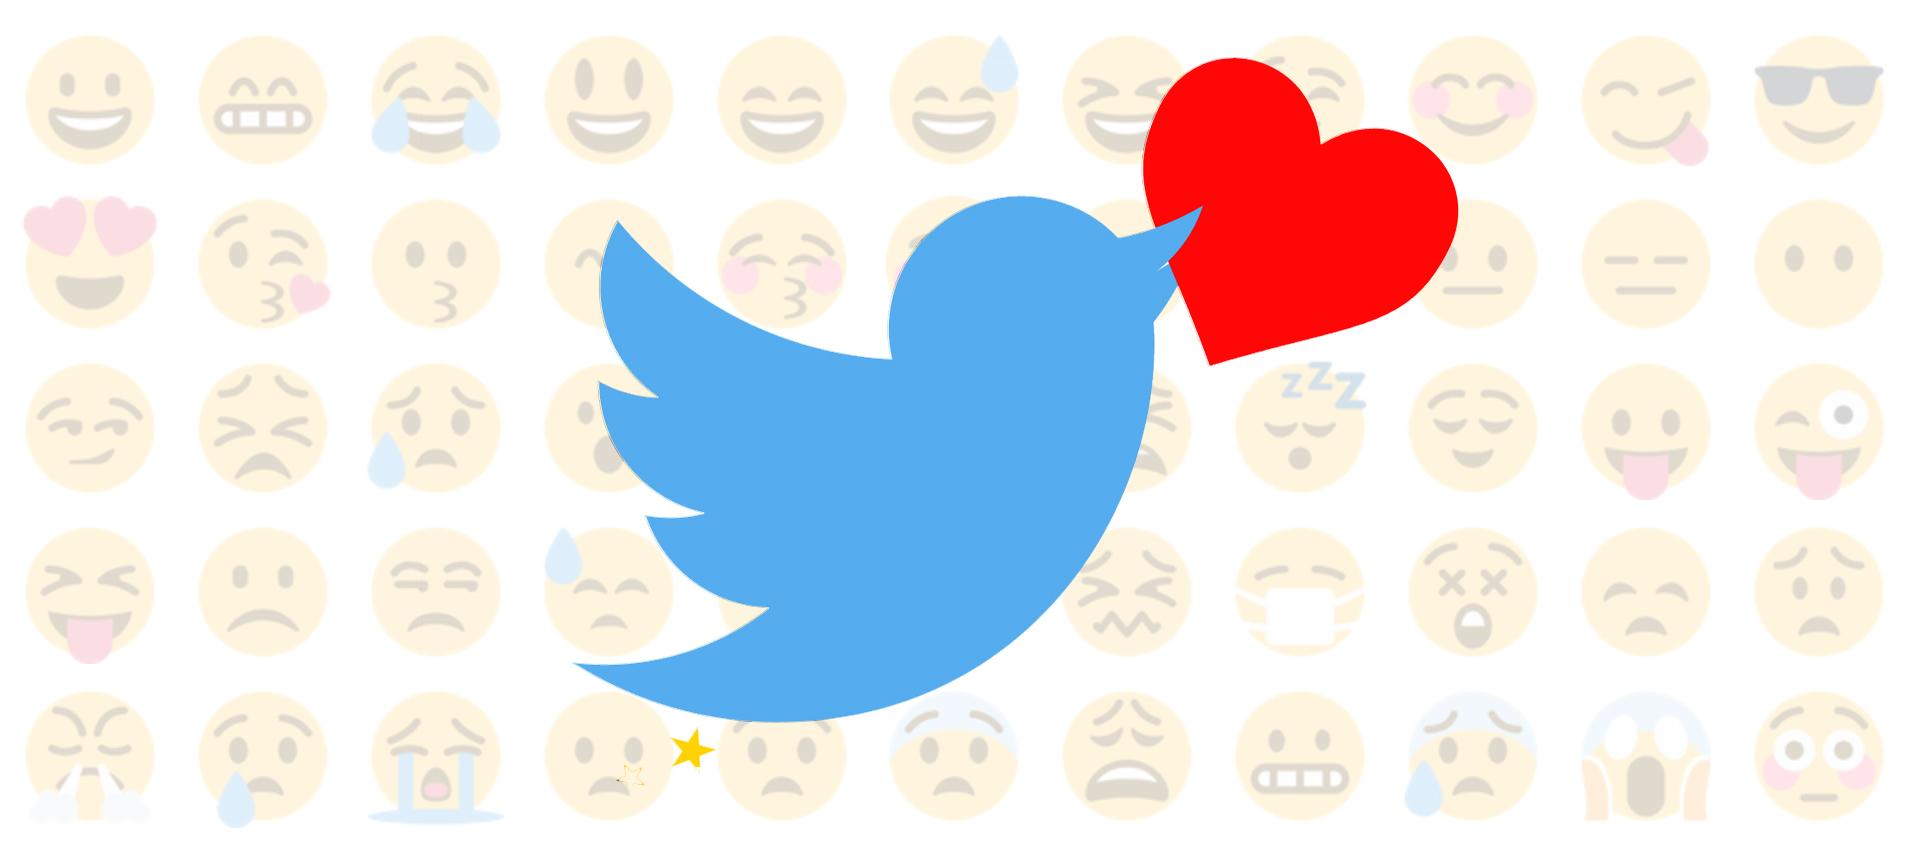 Les emoji, un vecteur d'émotion et de publicité Twitter !